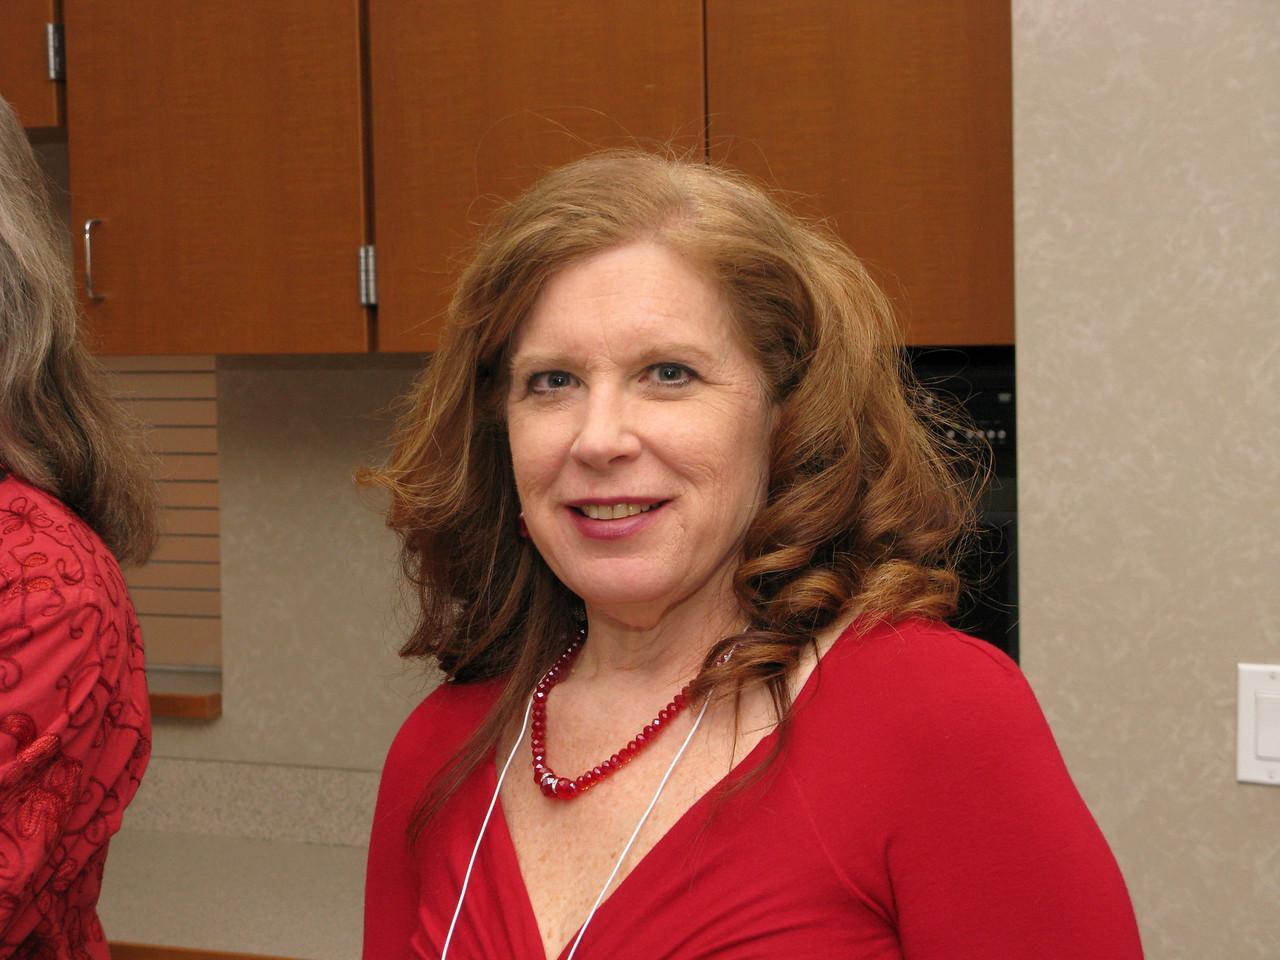 Julie Blevins, Pastoral Assistant of St. Anthony of Padua